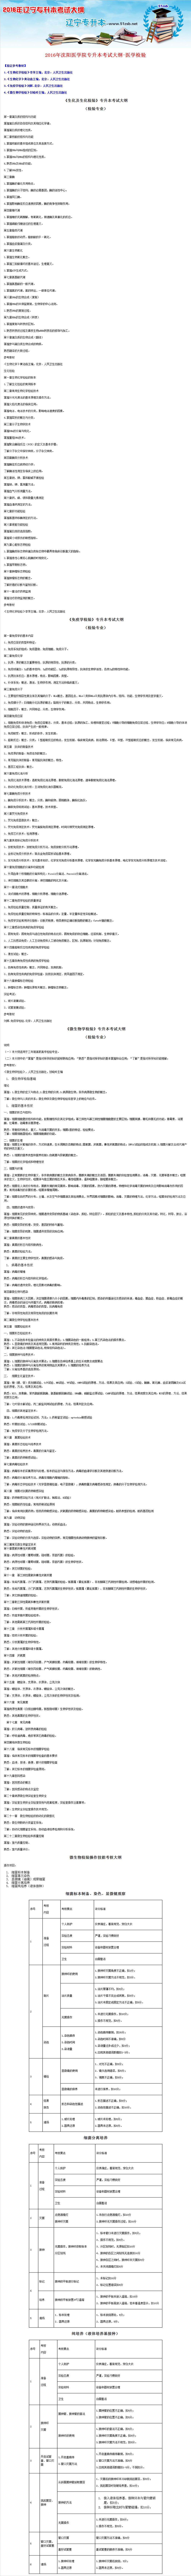 沈阳医学院医学检验专升本考试大纲